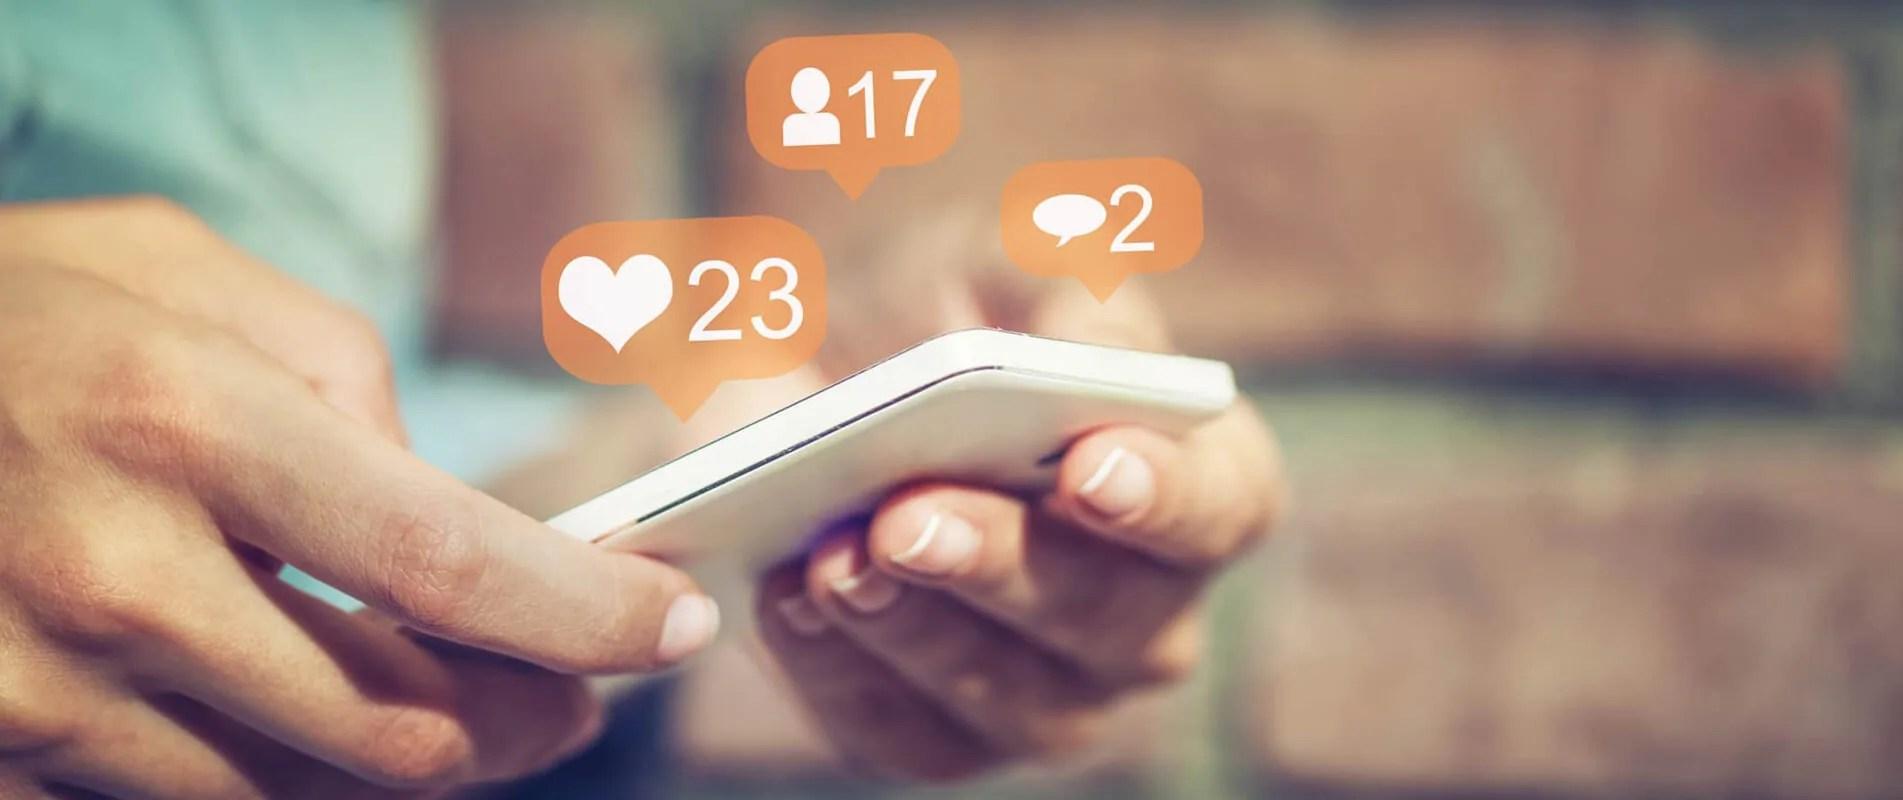 Redes sociales de fotografía: Comparte tu talento con el mundo